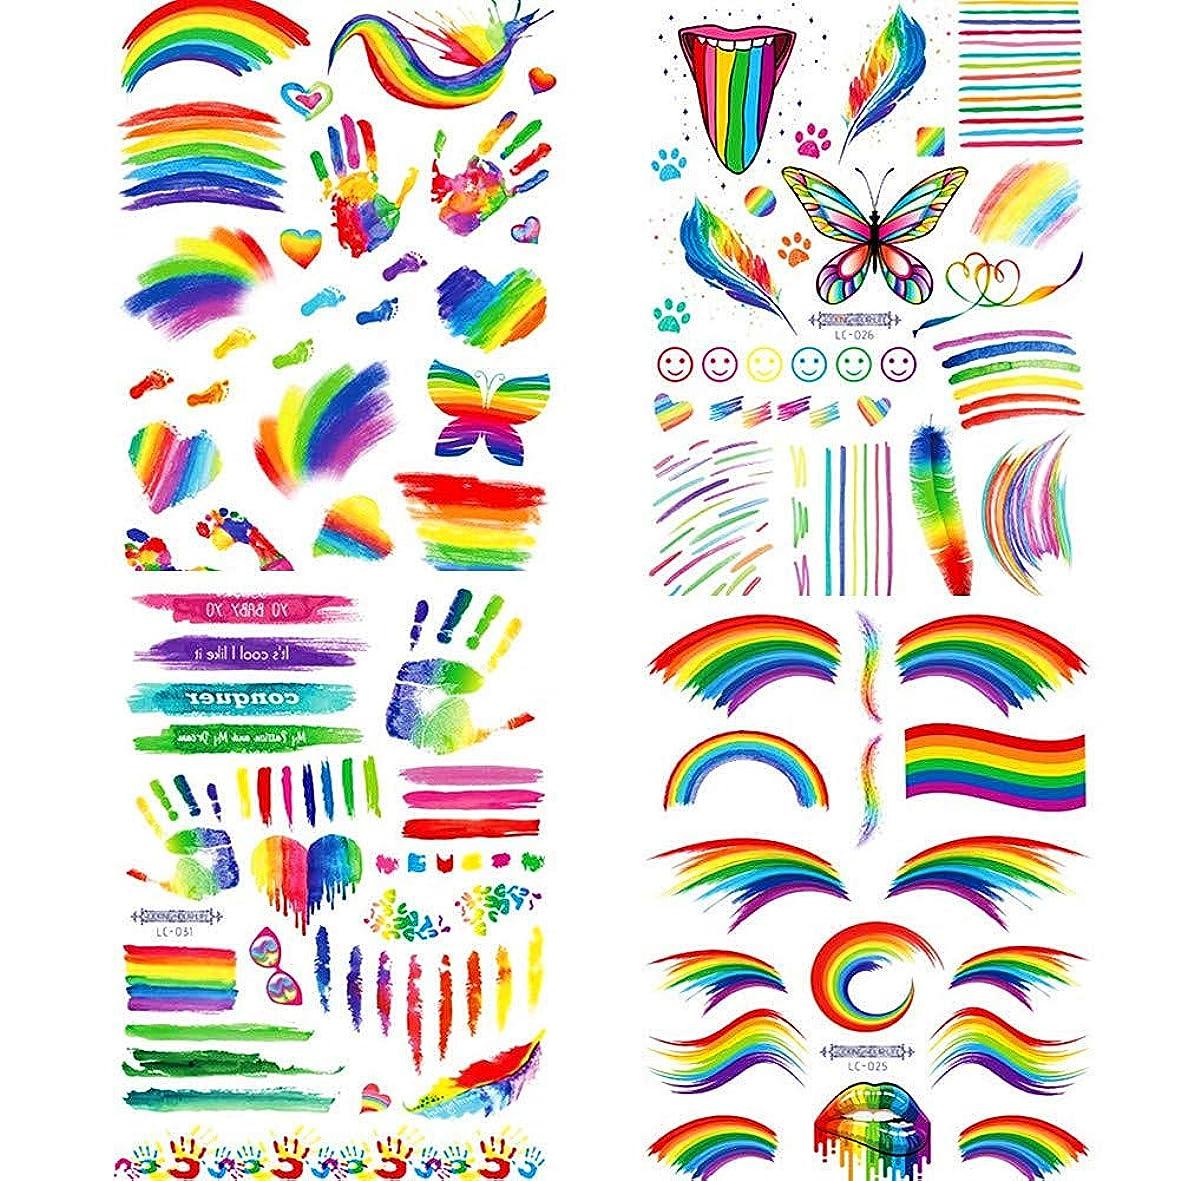 意識快適紀元前4 PCS Gay LGBTレインボー テンポラリー タトゥー 虹ステッカー ボディペイントセット ゲイプライドパレードのお祝いパーティー